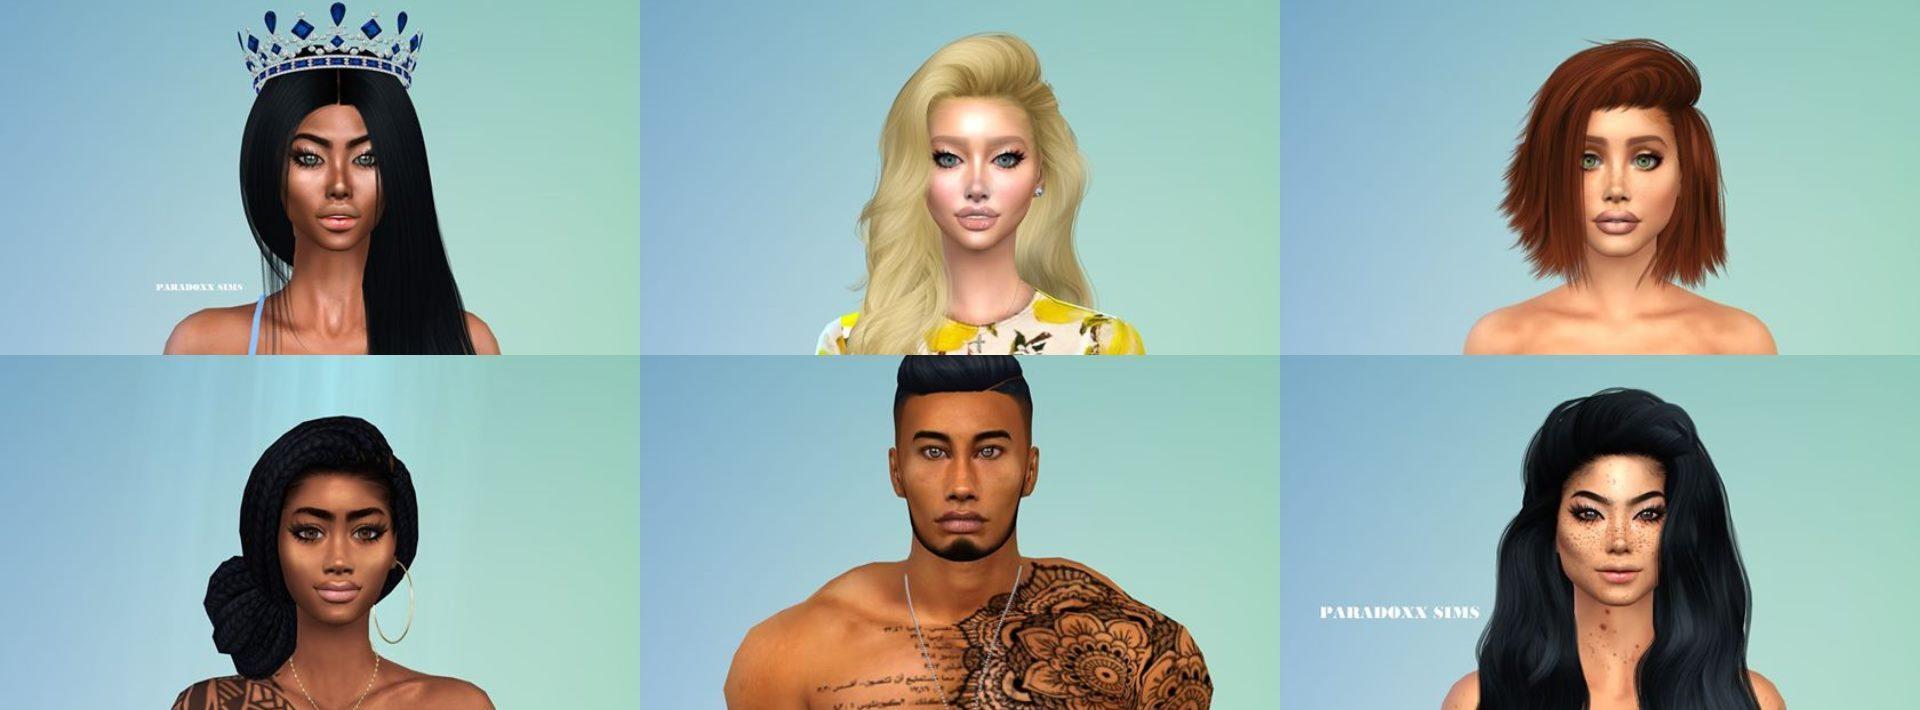 Paradoxx Sims